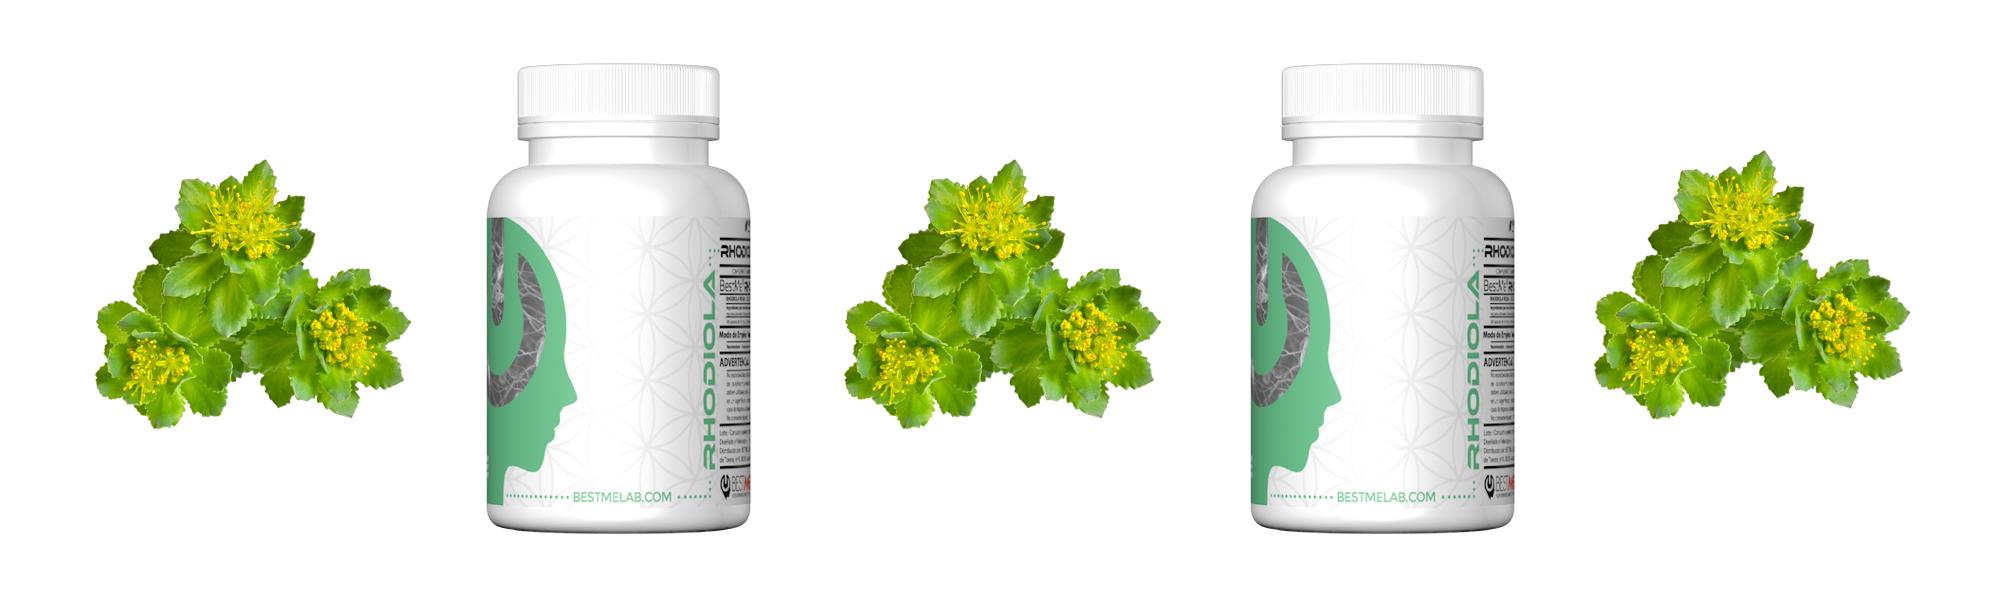 nootropic herbs RHODIOLA AMAZON APAISADO .002